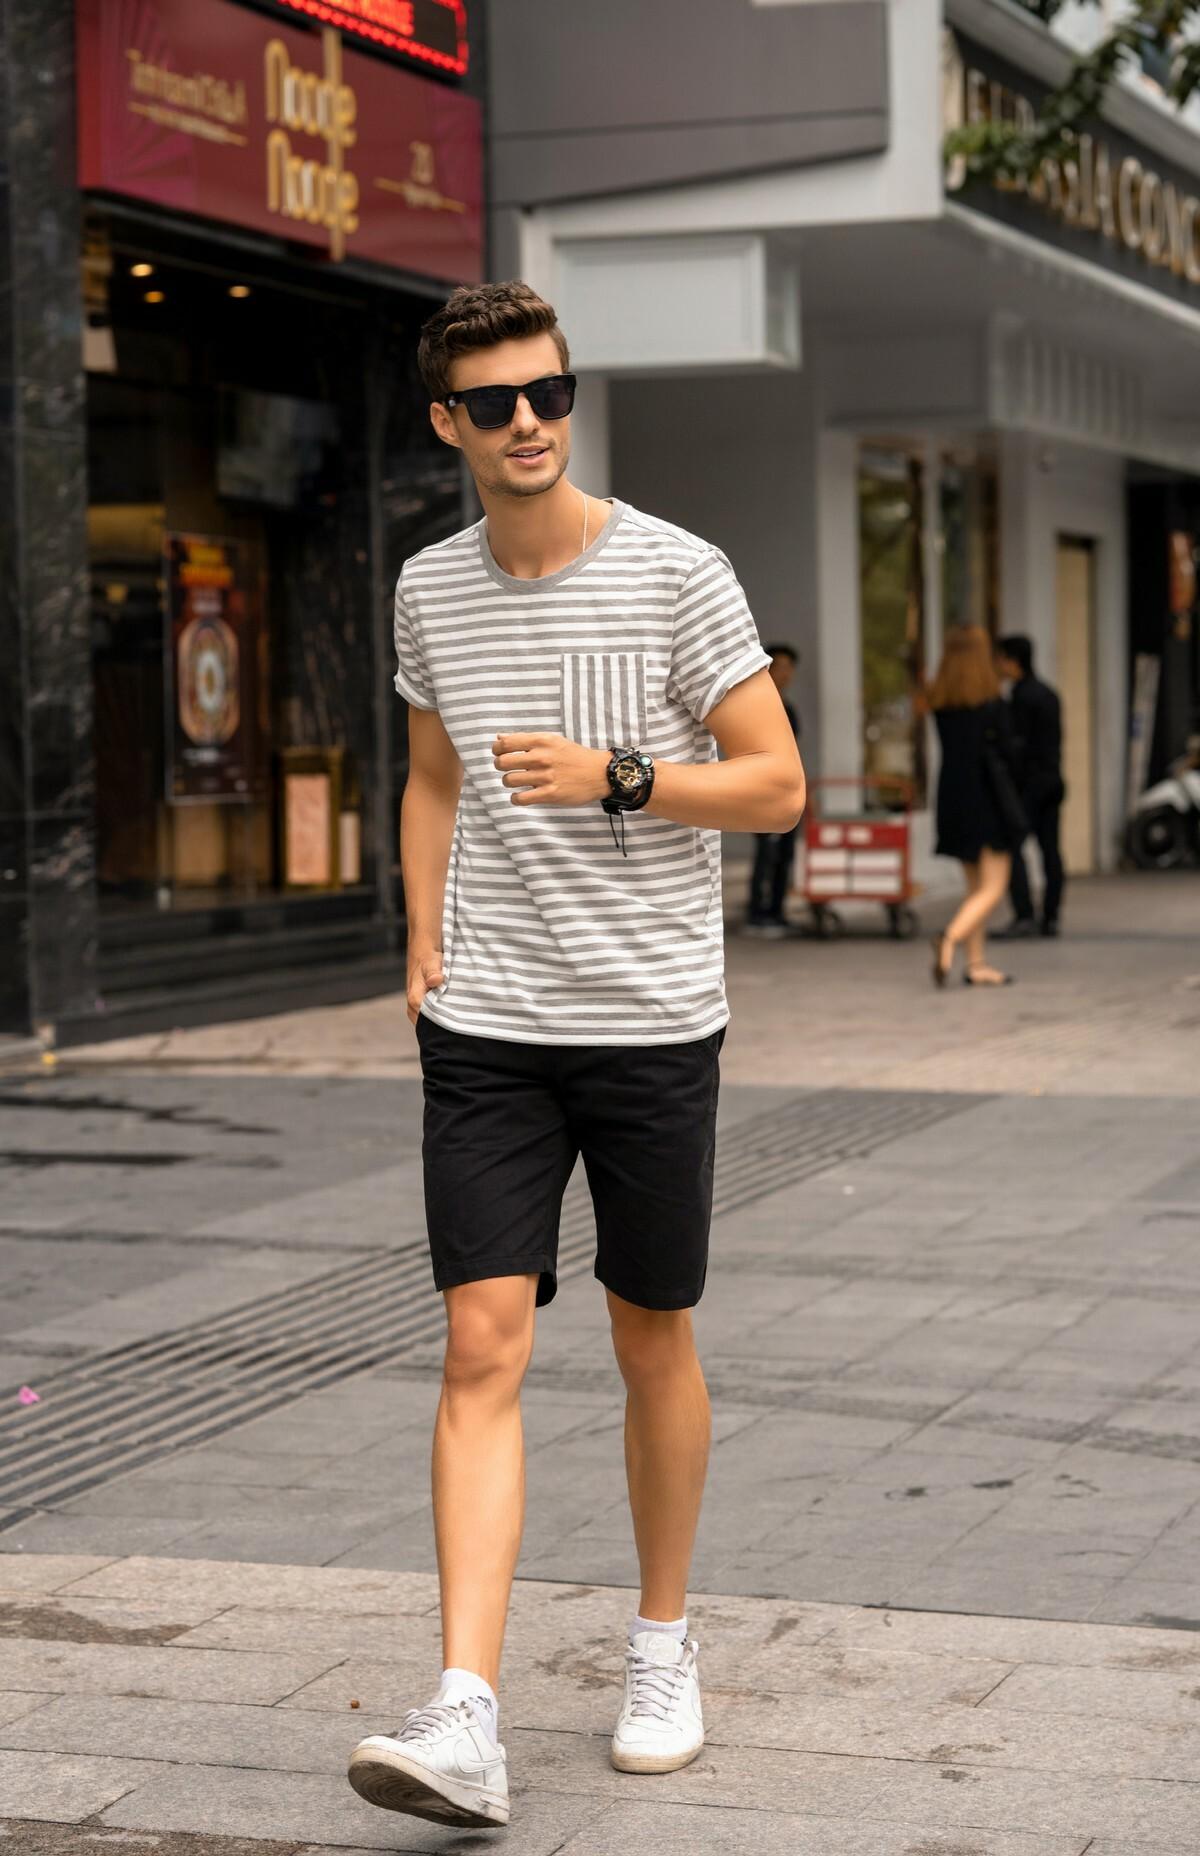 Áo thun nam ngắn tay DGC - SAT1901M giảm 20% còn 236.000 đồngthiết kế tinh tế, đường may sắc nét, tạo hiệu ứng cuốn hút thị giác nhưng vẫn giữ vẻ nam tính, trẻ trung, năng động.